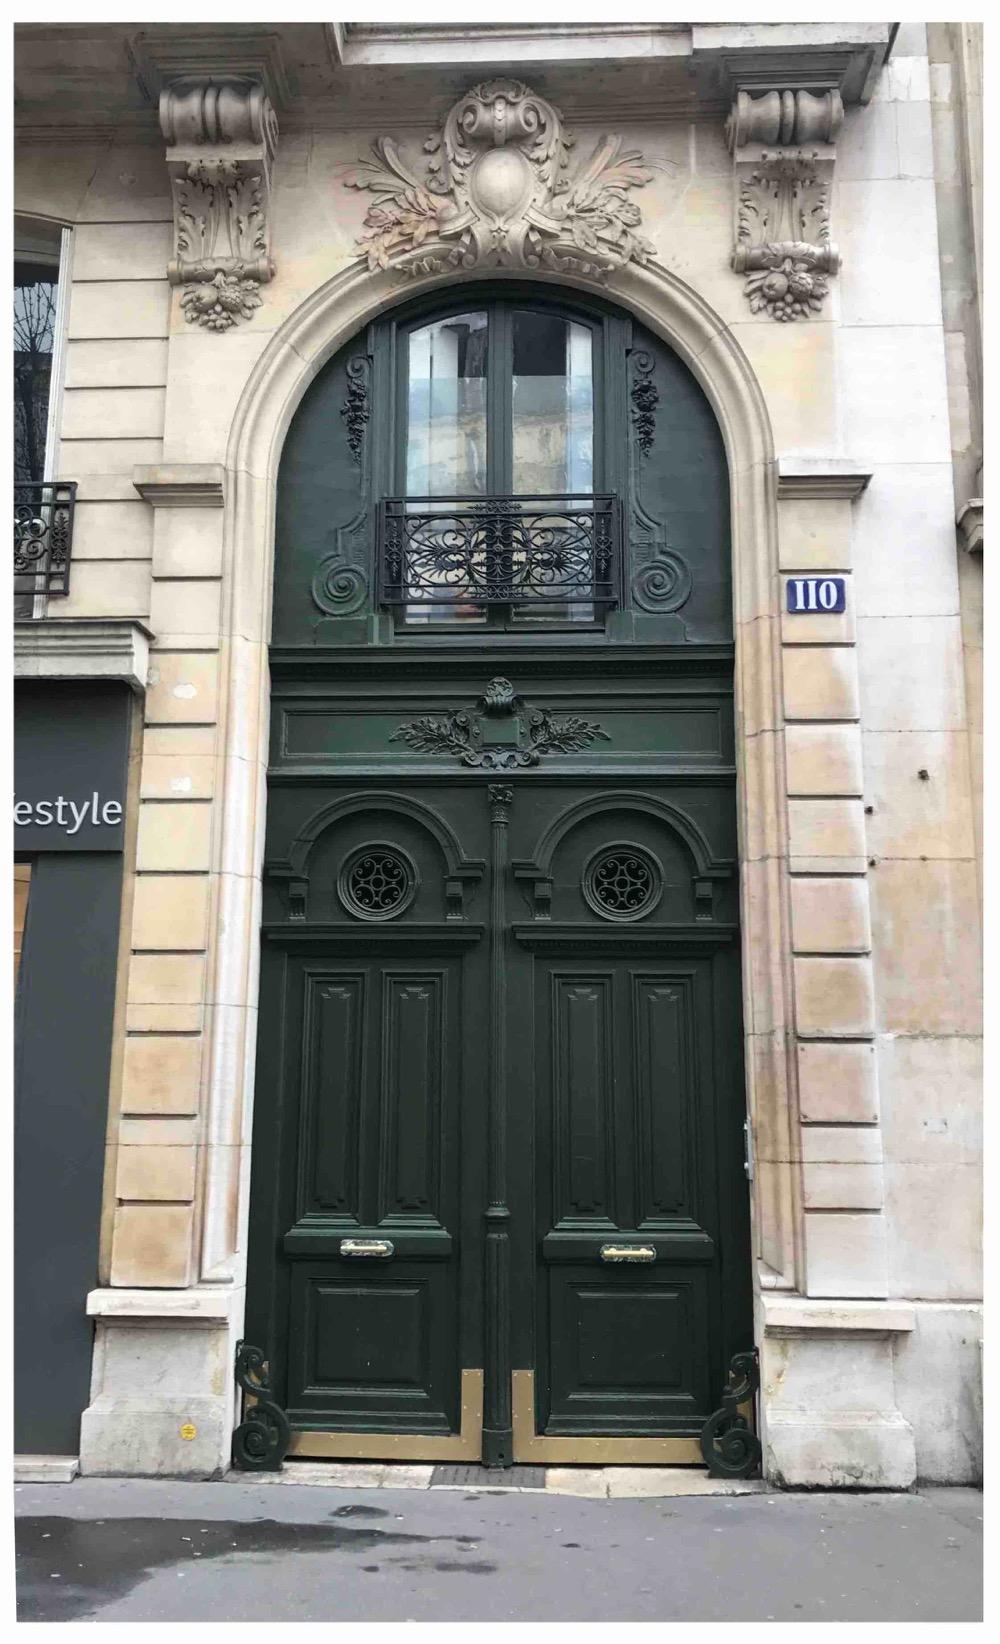 Porte Cochère Avec Baie D'entresol - Av De Villiers - Paris 17